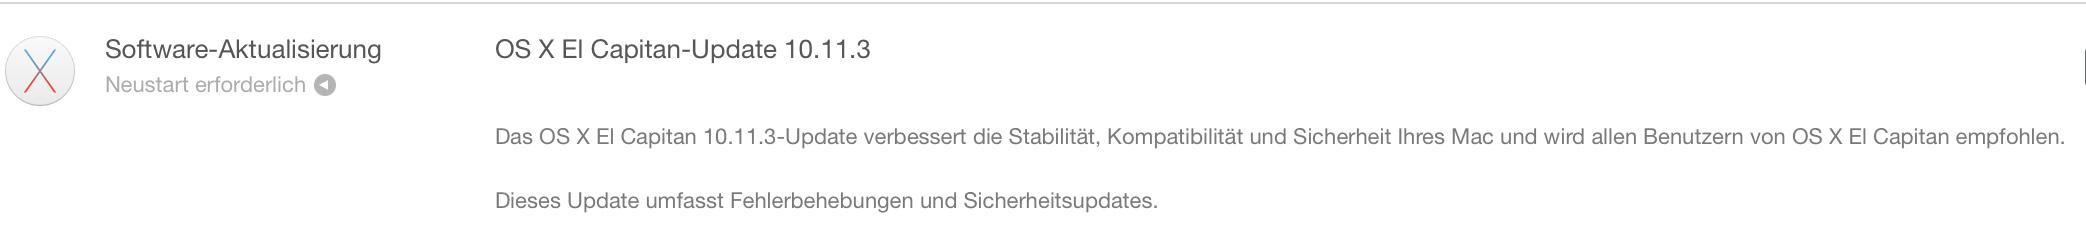 macOS Update Topic-bildschirmfoto-2016-01-19-um-19.32.54.png